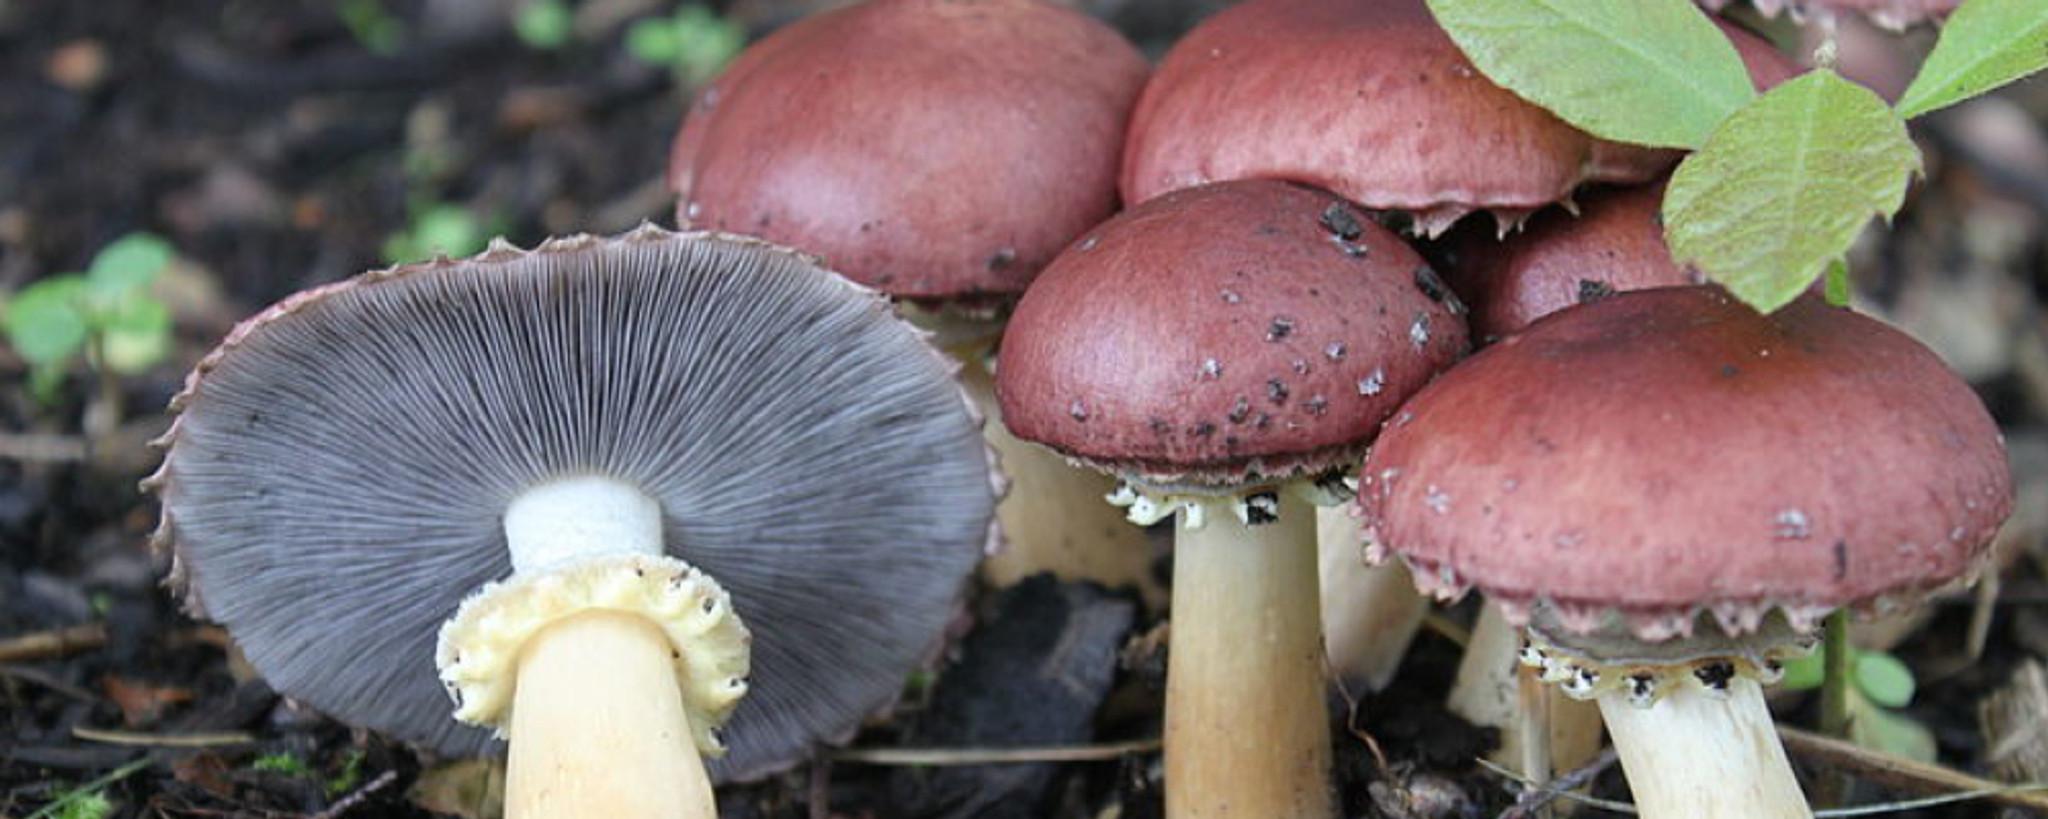 Mushroom Kits